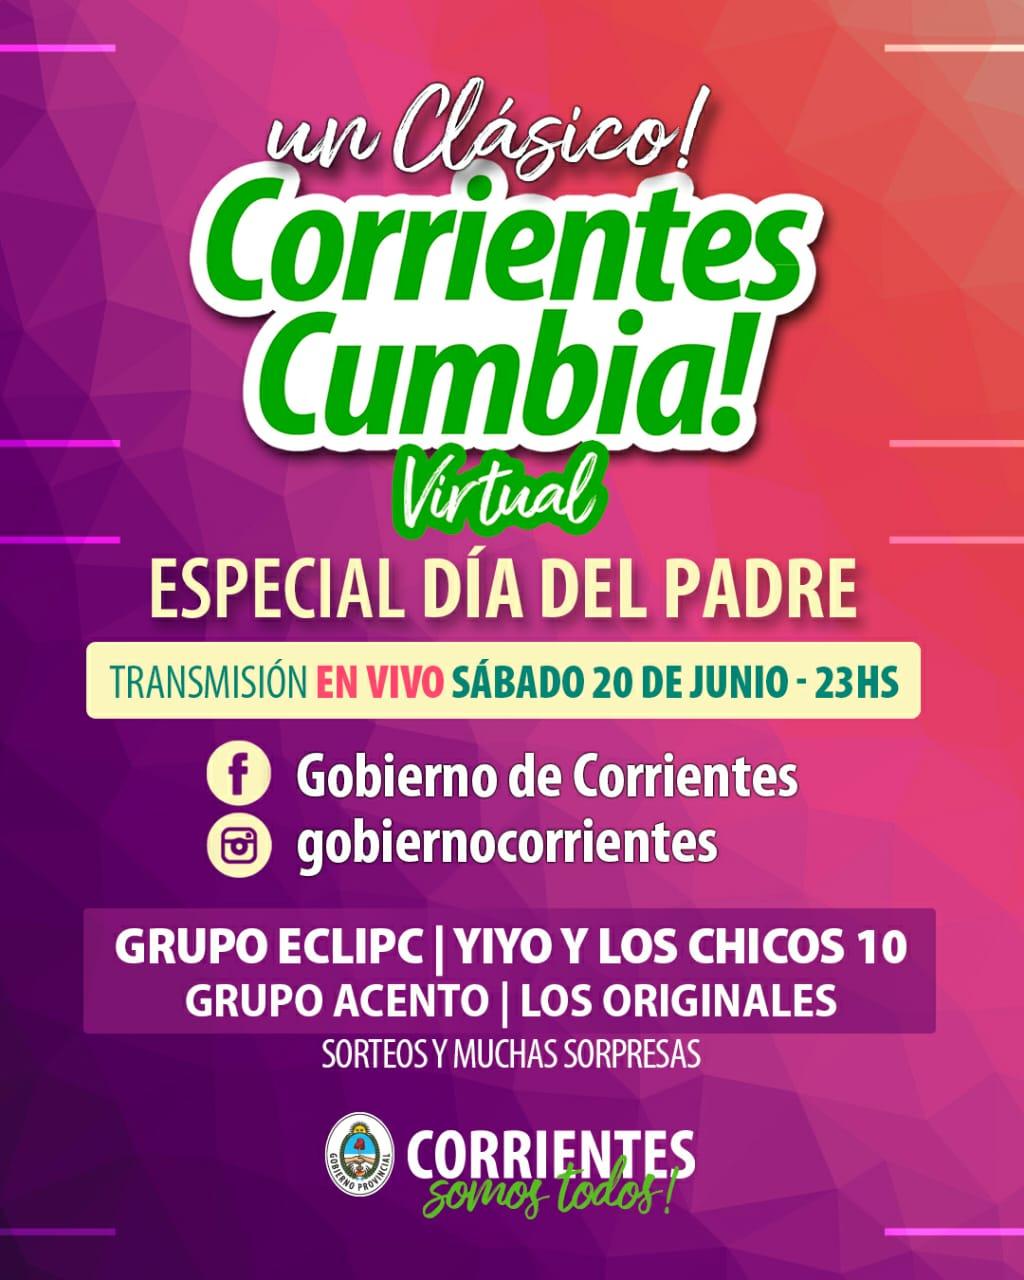 Corrientes Cumbia ofrecerá un Especial por el Día del Padre